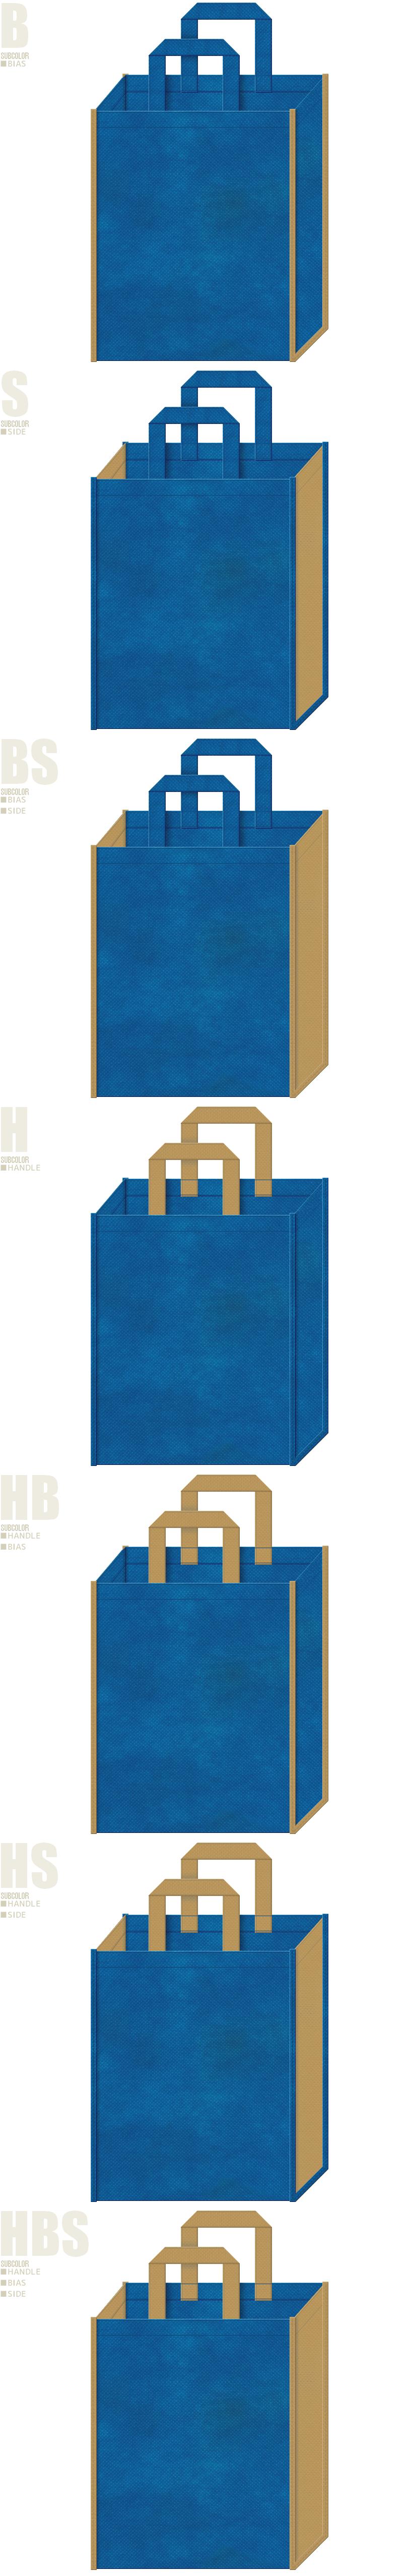 オンラインゲーム・ロールプレイングゲームの展示会用バッグにお奨めの不織布バッグデザイン:青色と金黄土色の配色7パターン